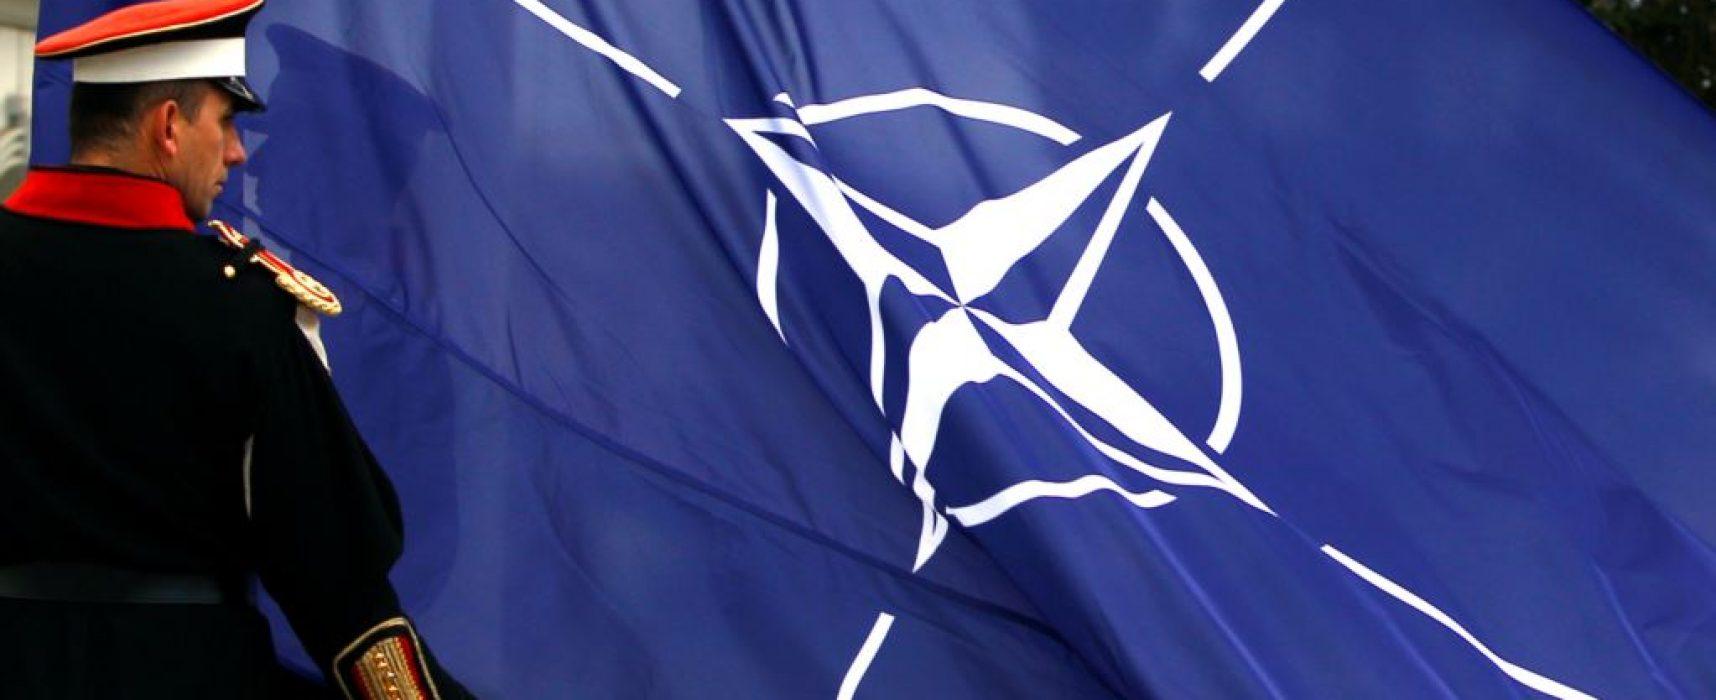 Вожделенное, но «страшное» НАТО: почему Россия обвиняет в своей агрессии Североатлантический альянс